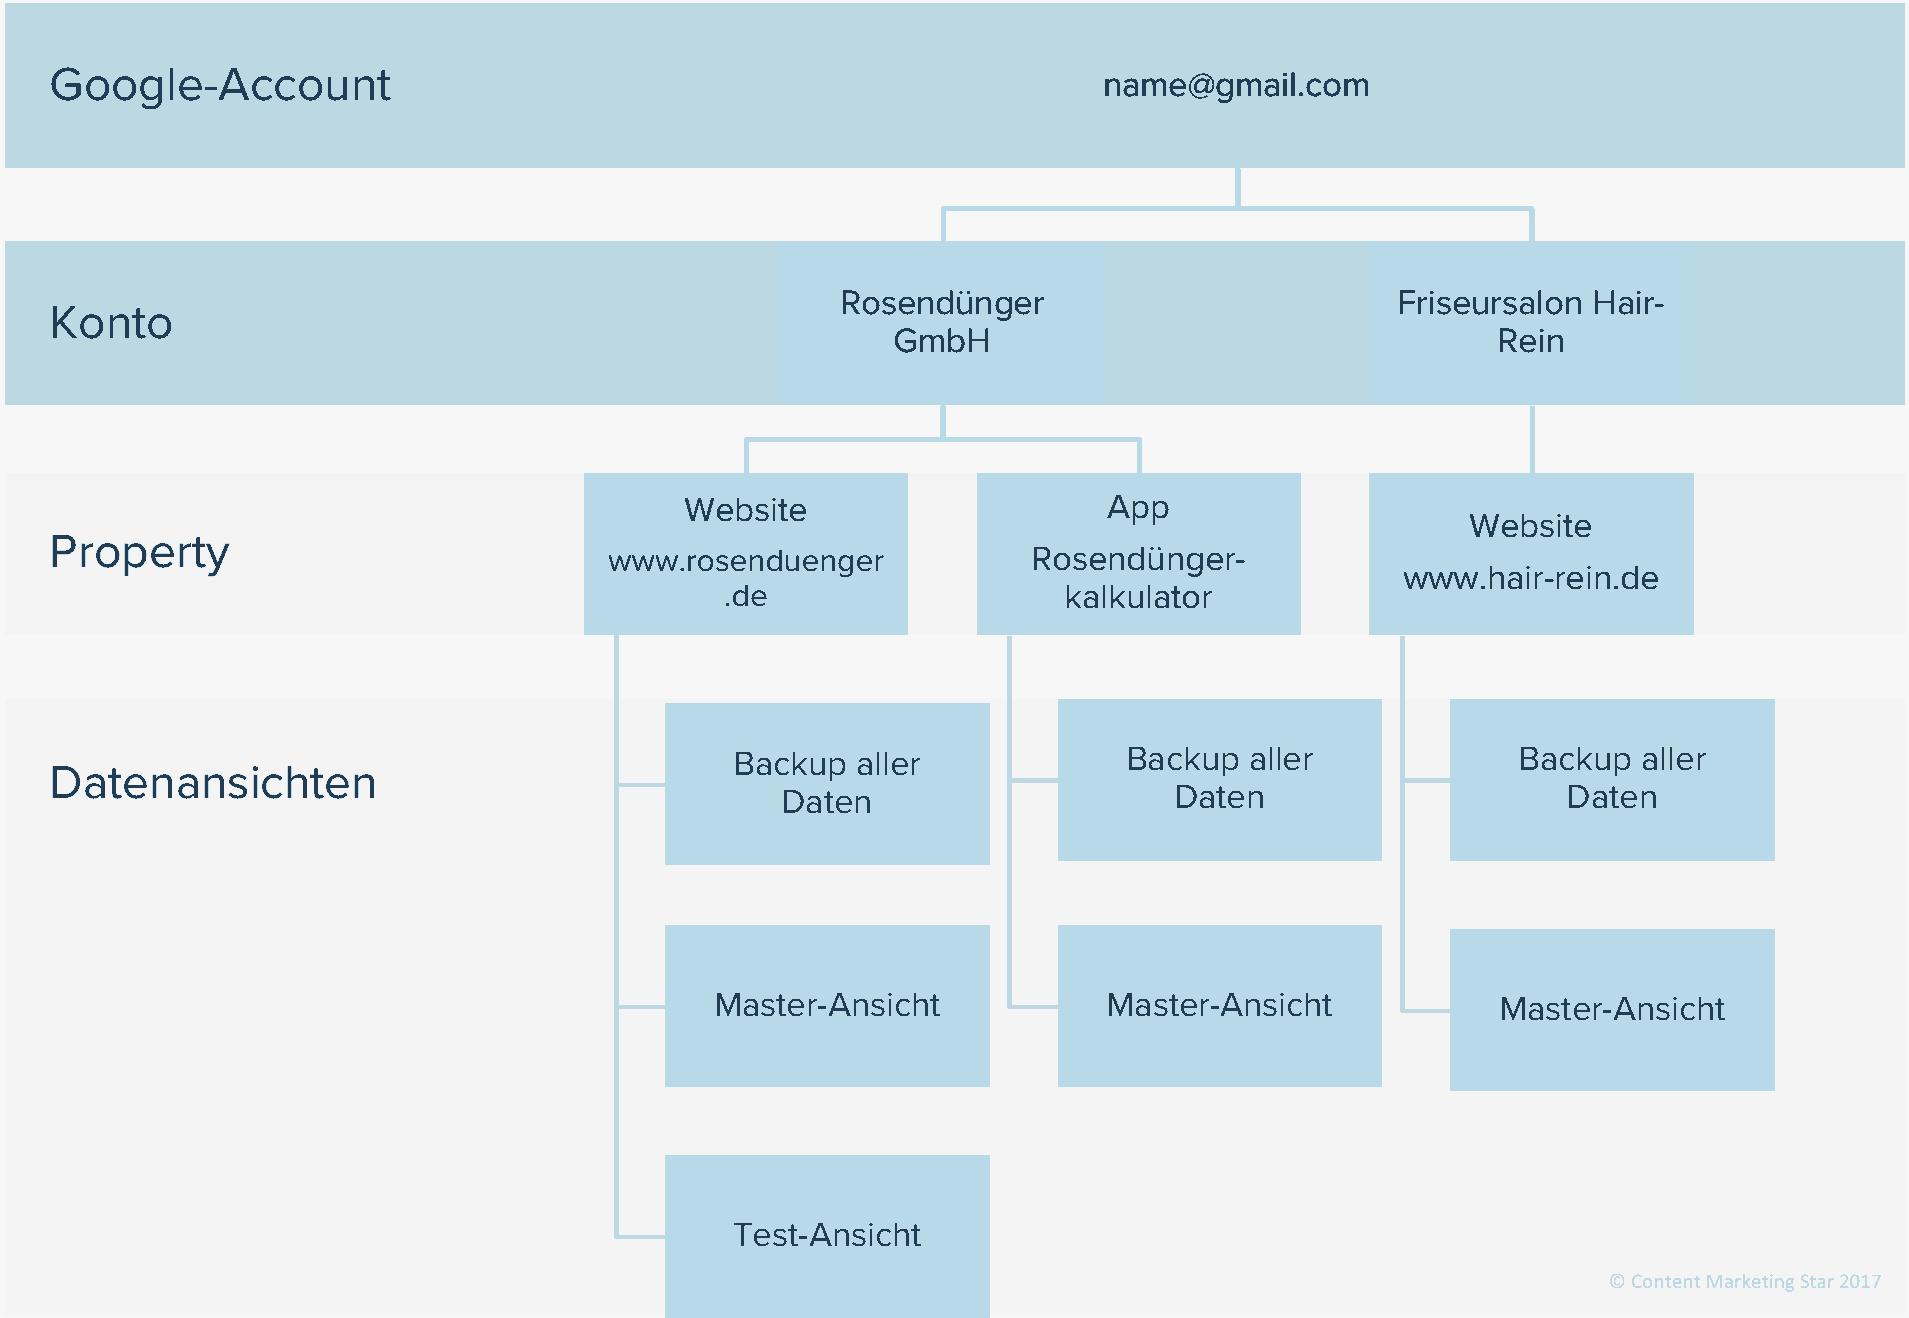 Beispielhafter Aufbau eines Google-Analytics-Accounts mit verschiedenen Webseiten